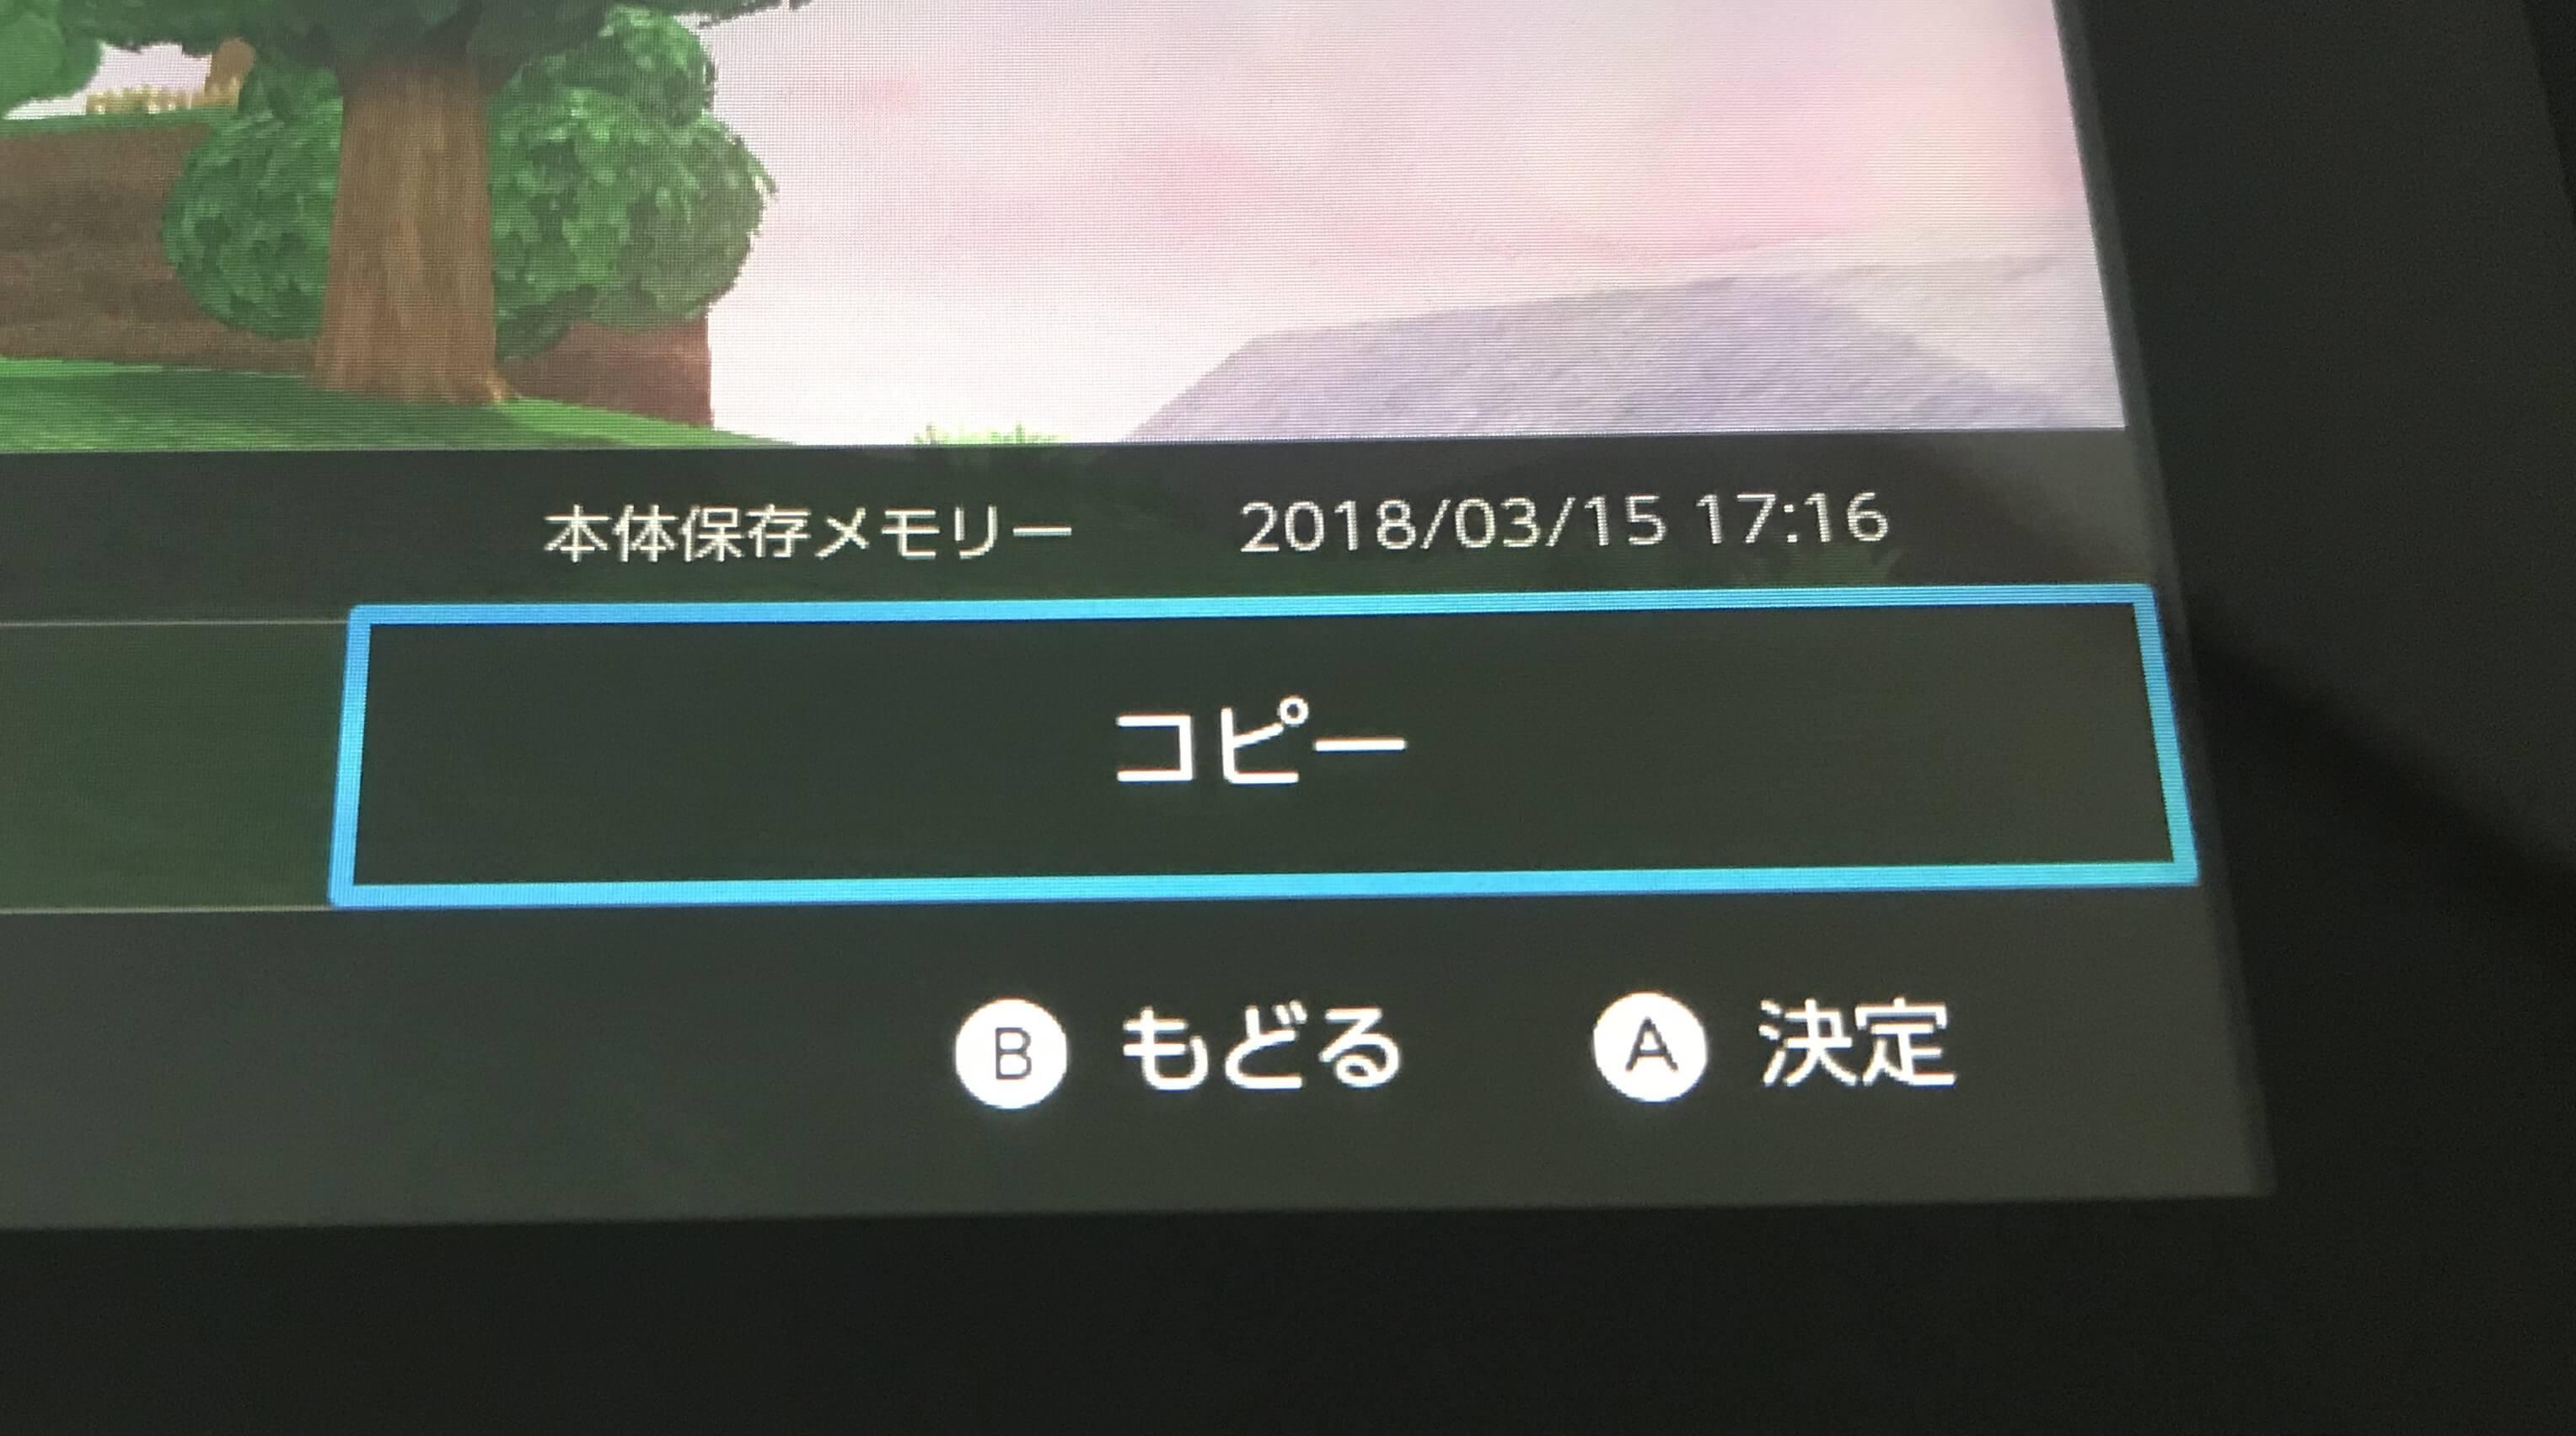 ニンテンドースイッチのスクリーンショット移動